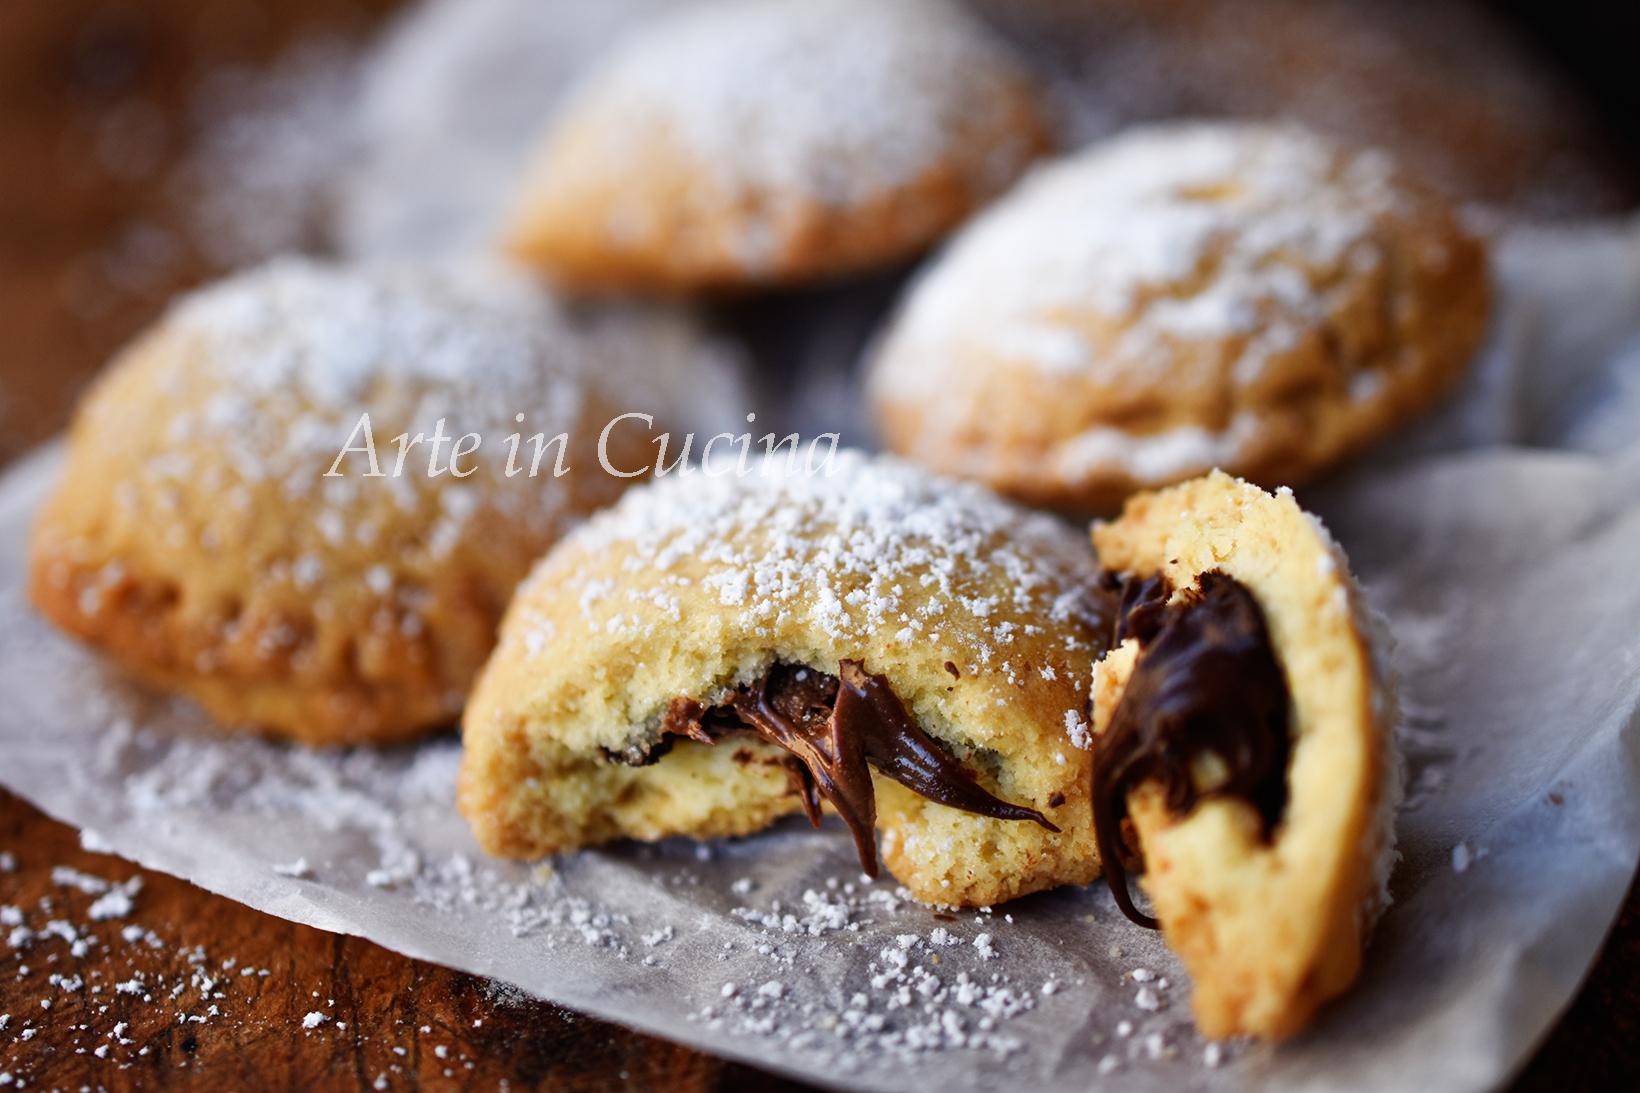 Ricetta Veloce Colazione.Biscotti Veloci Con Nutella Dolci Da Colazione